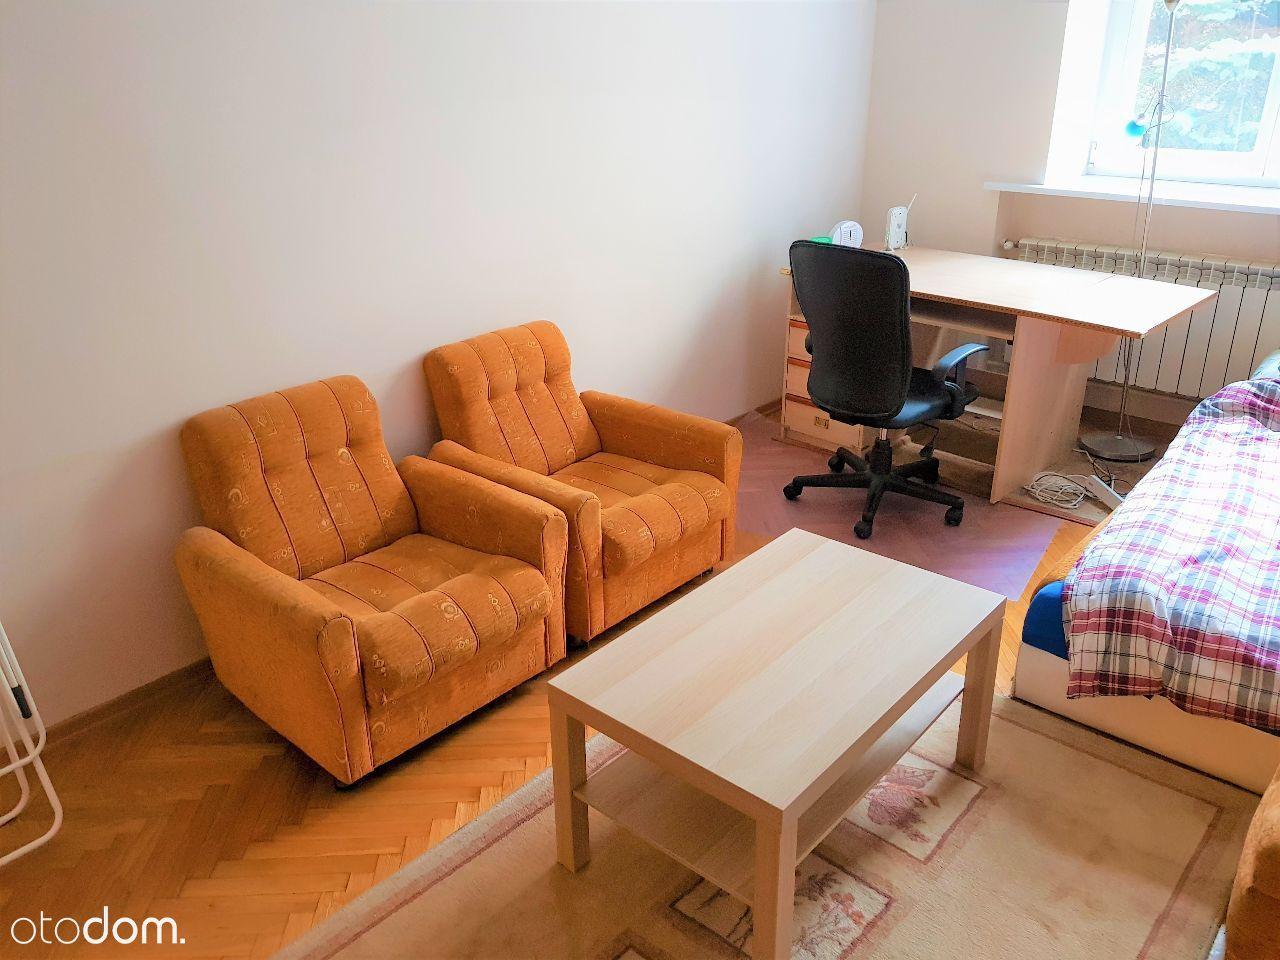 Duży pokój w centrum 5 min pieszo AGH/Pl Inwalidów